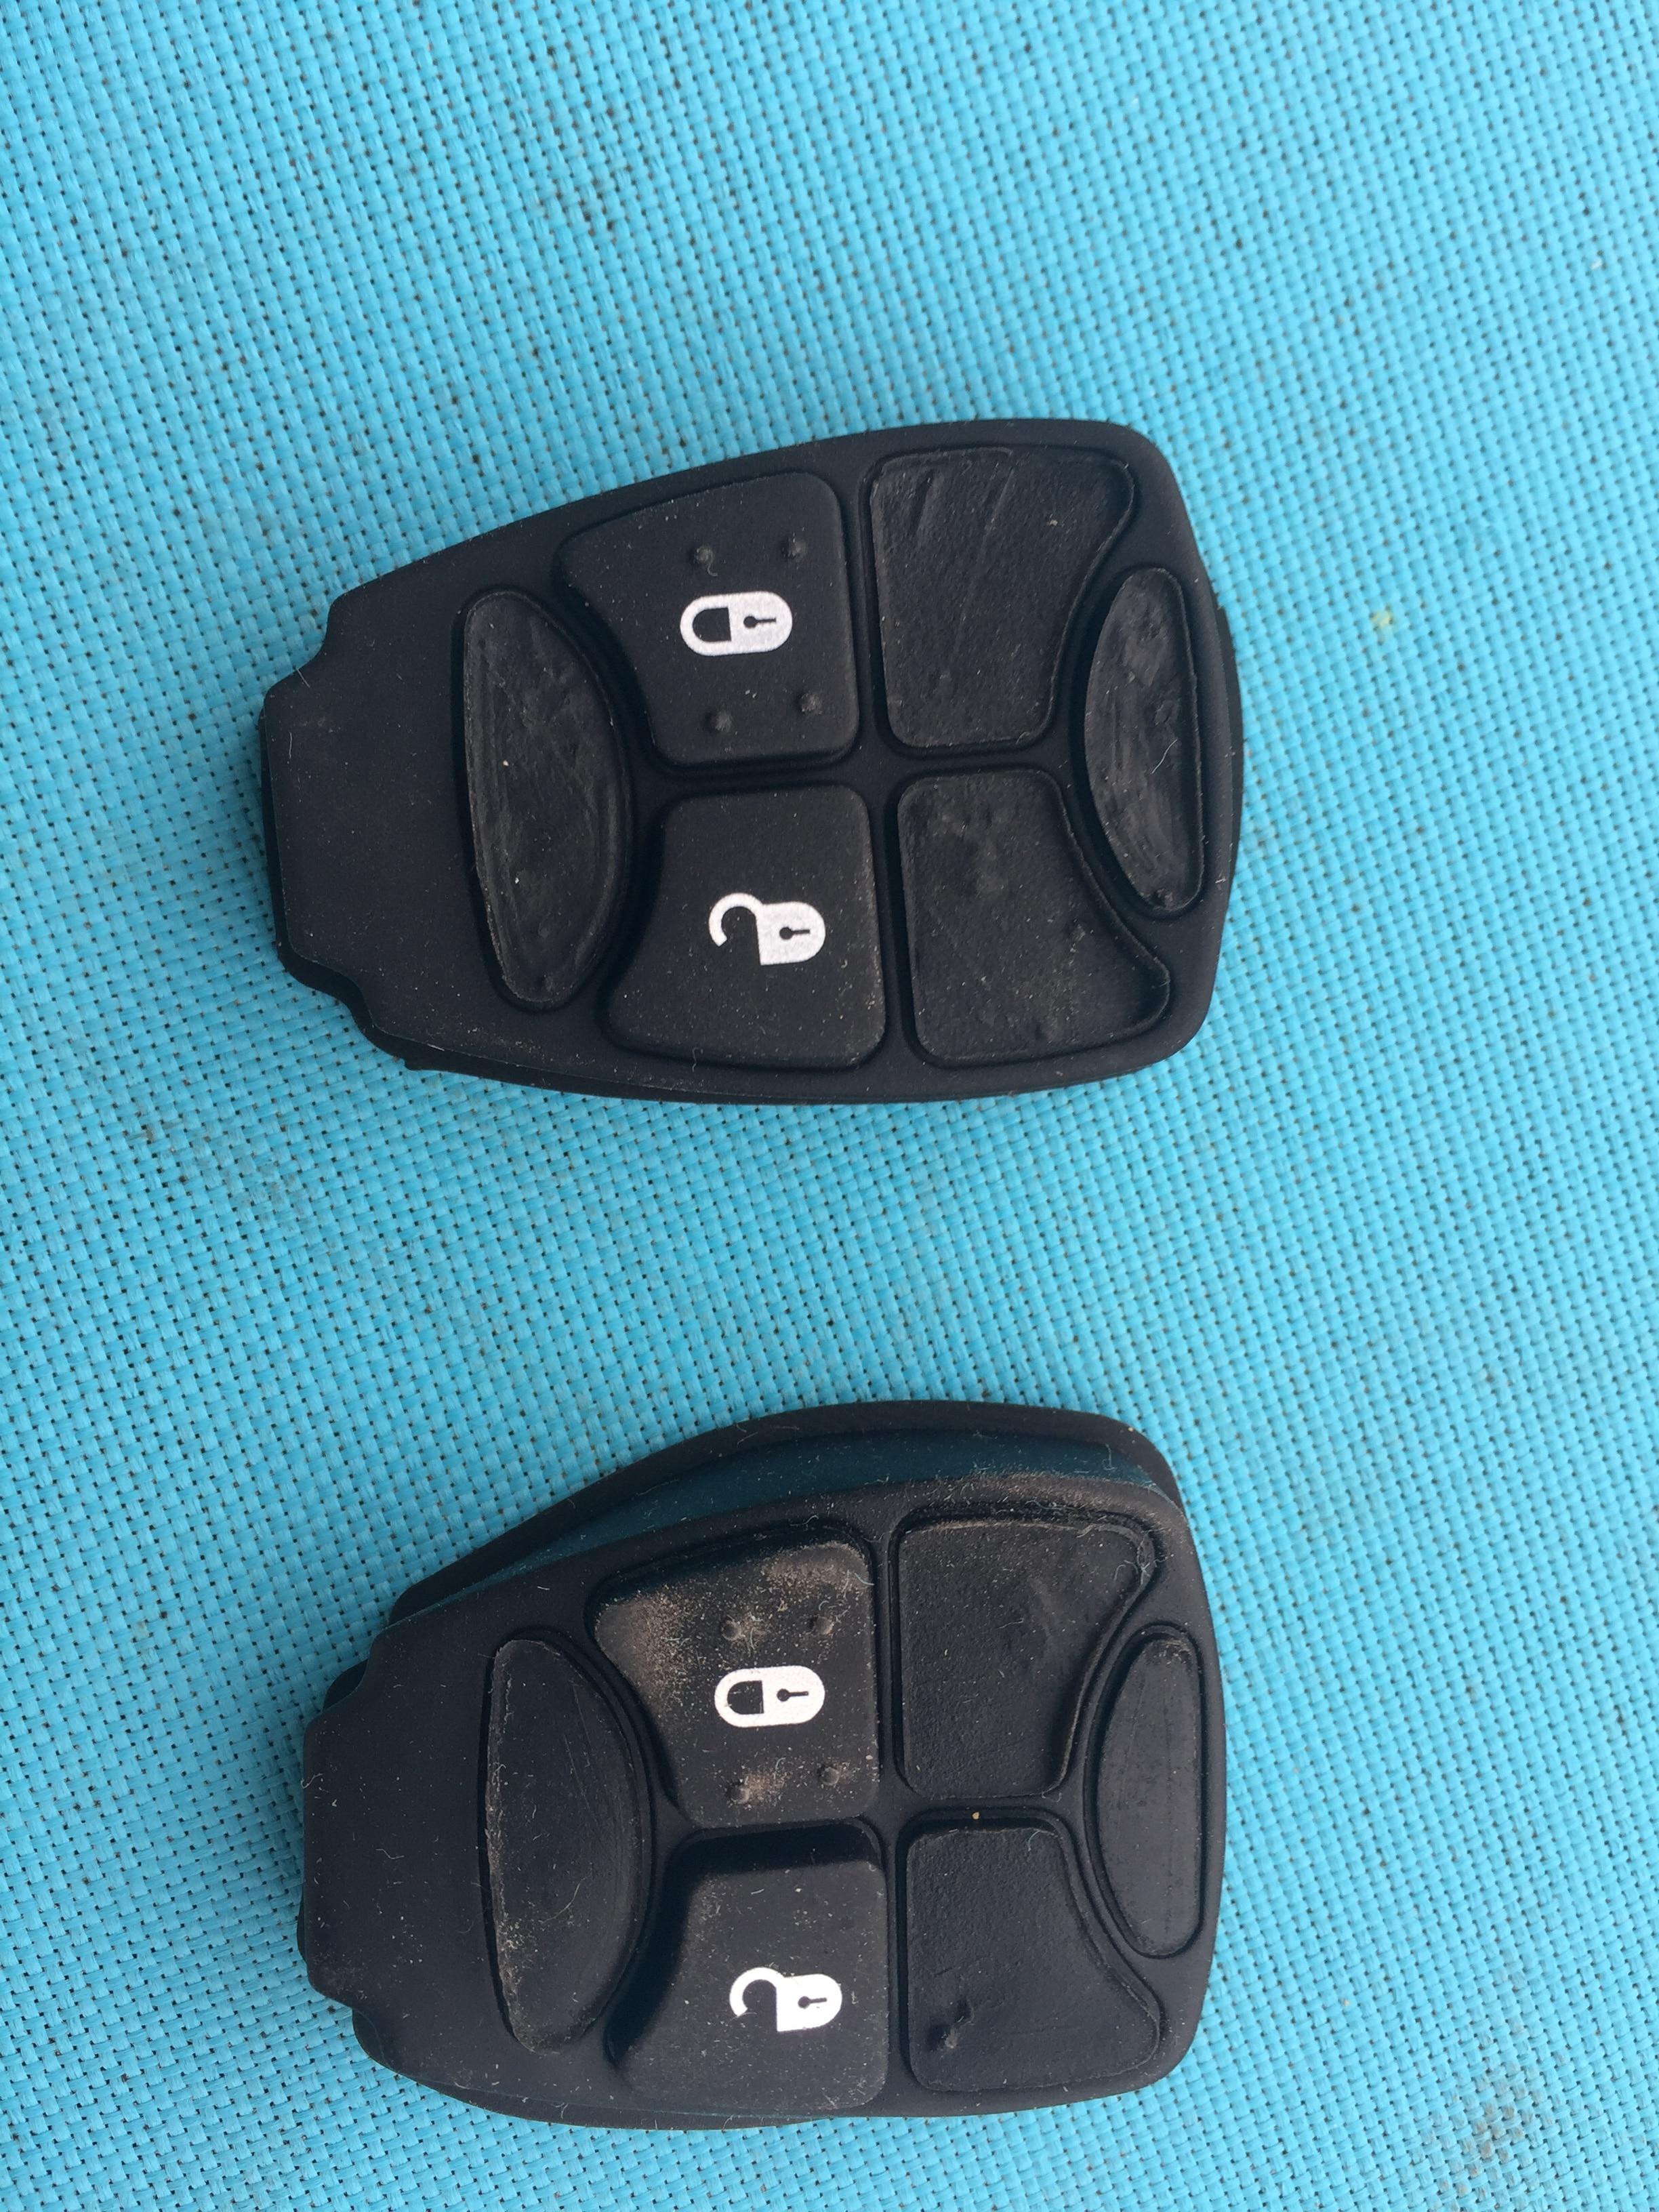 1 Pc Remote Key Fall Taste Pad Für Chrysler Aspen Ersatz Pad Auto Teile Feines Handwerk